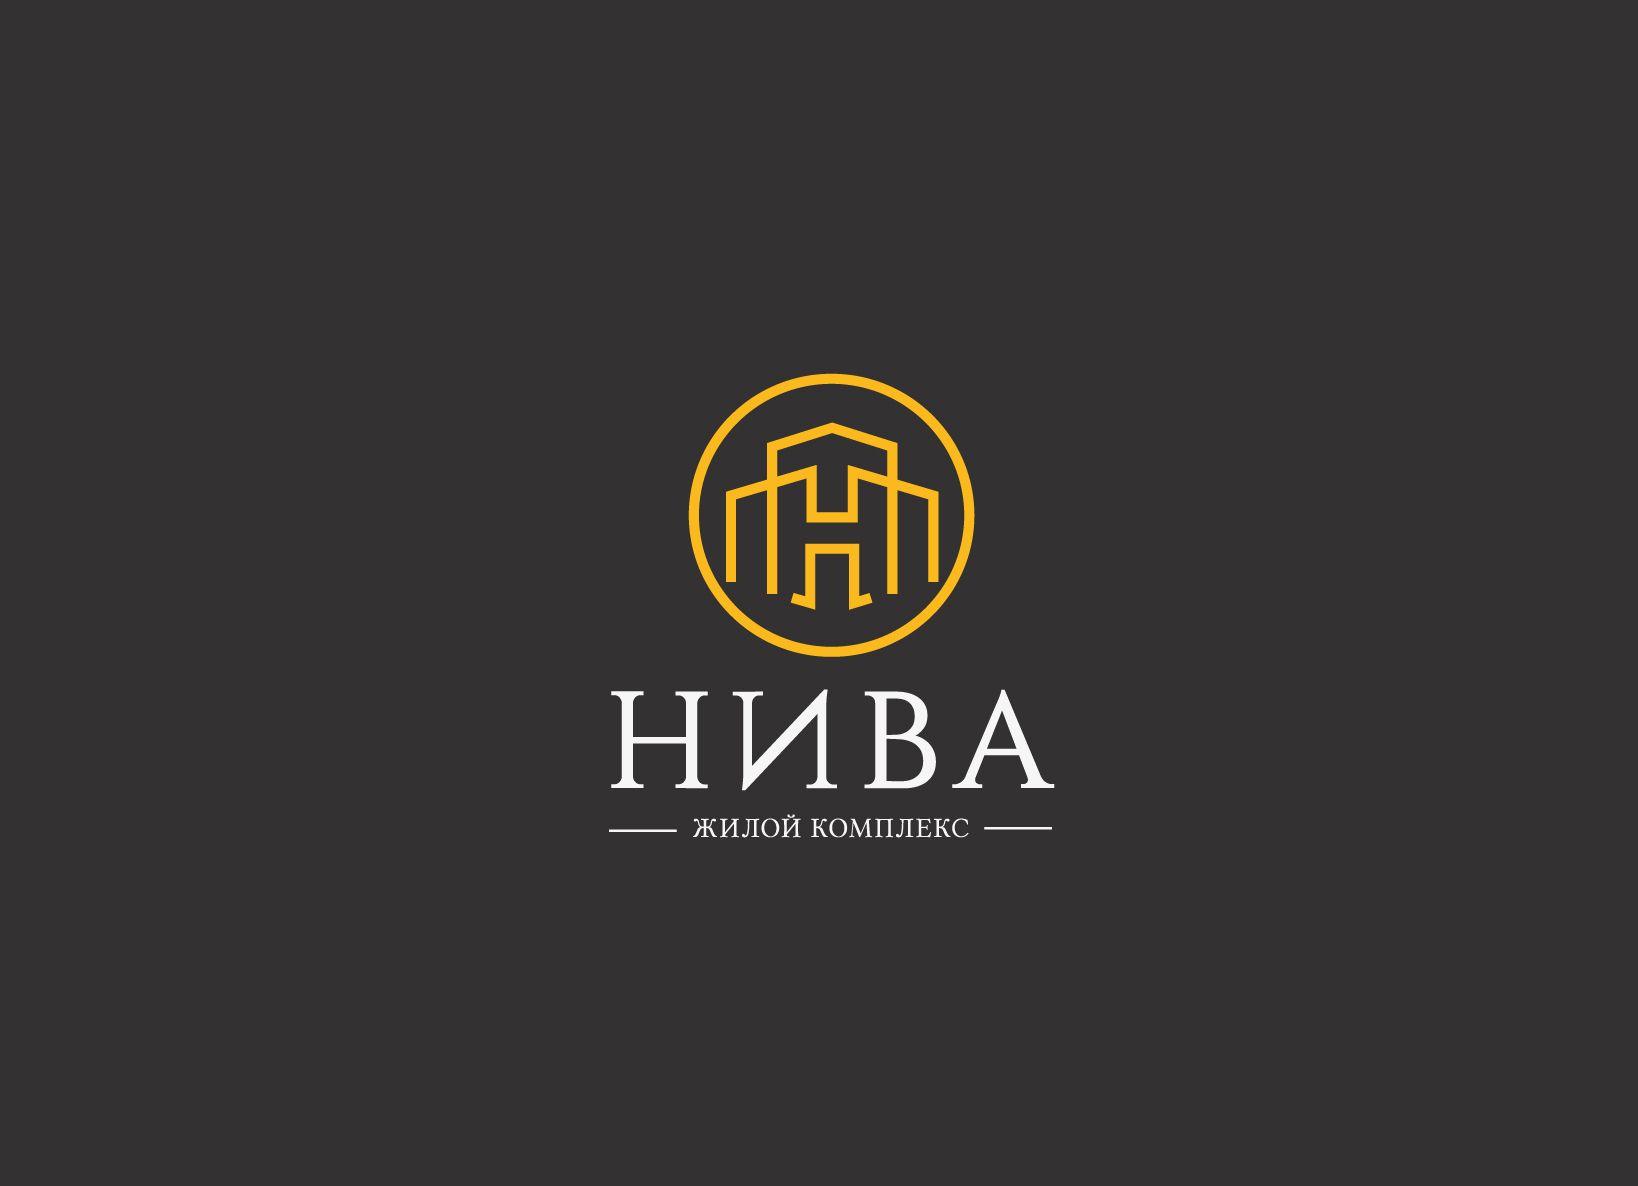 Лого и фирменный стиль для ЖК Нива - дизайнер U4po4mak